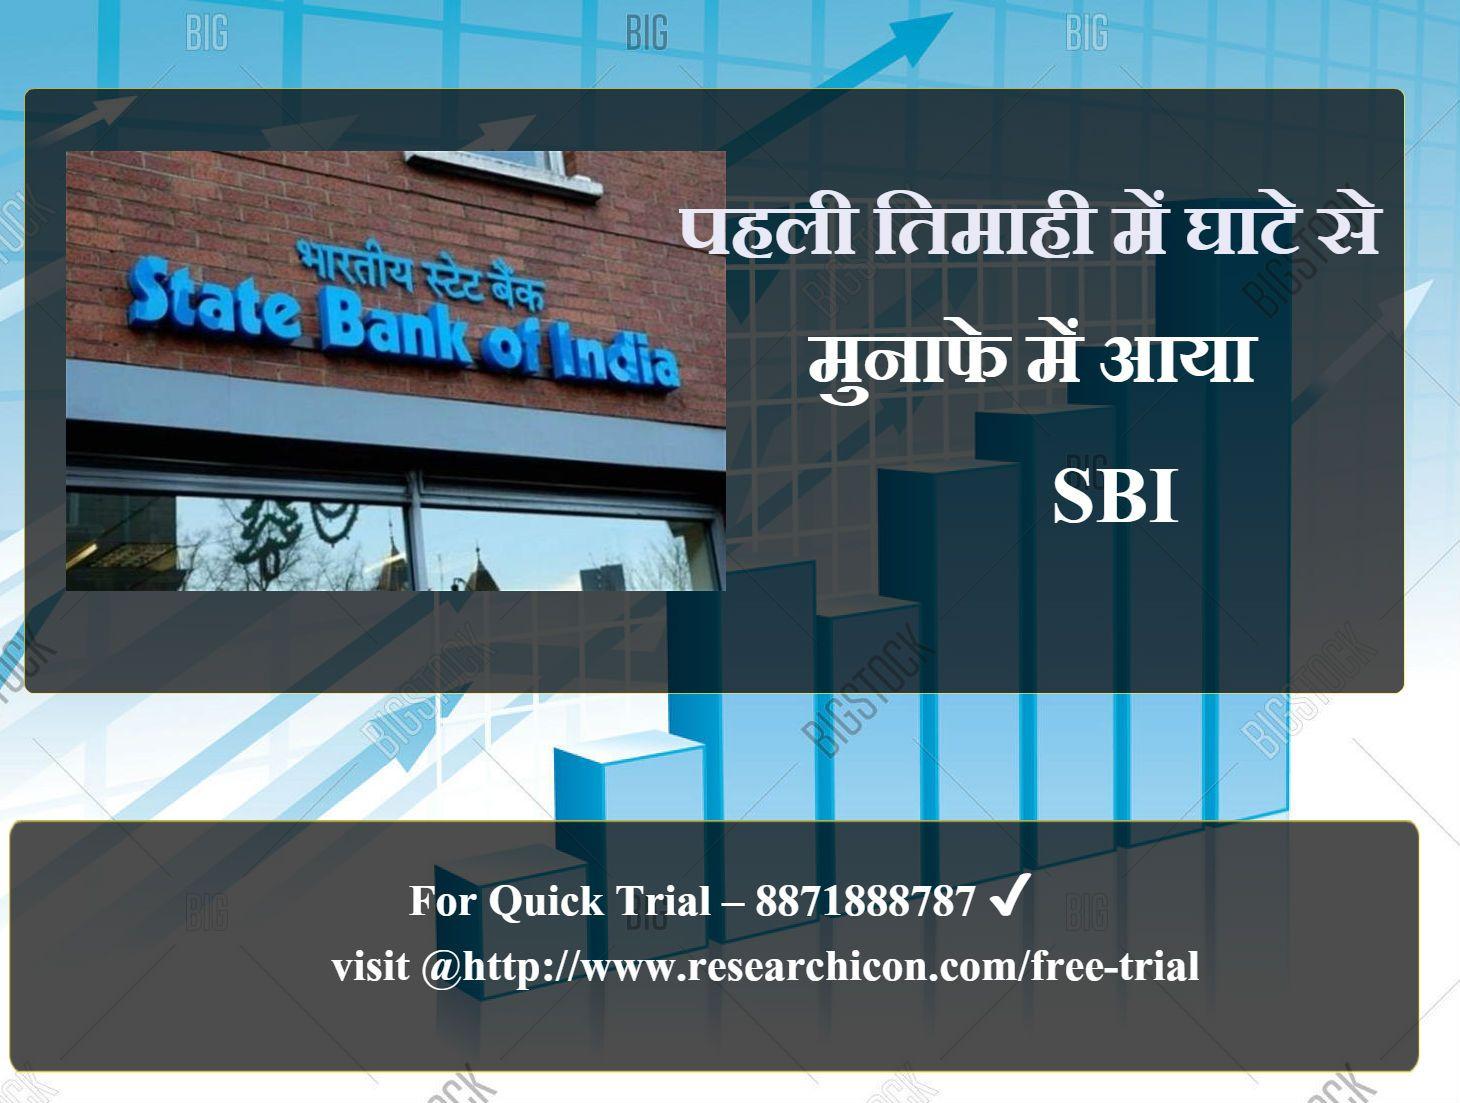 वित्त वर्ष 2020 की पहली तिमाही में SBI का मुनाफा 2312